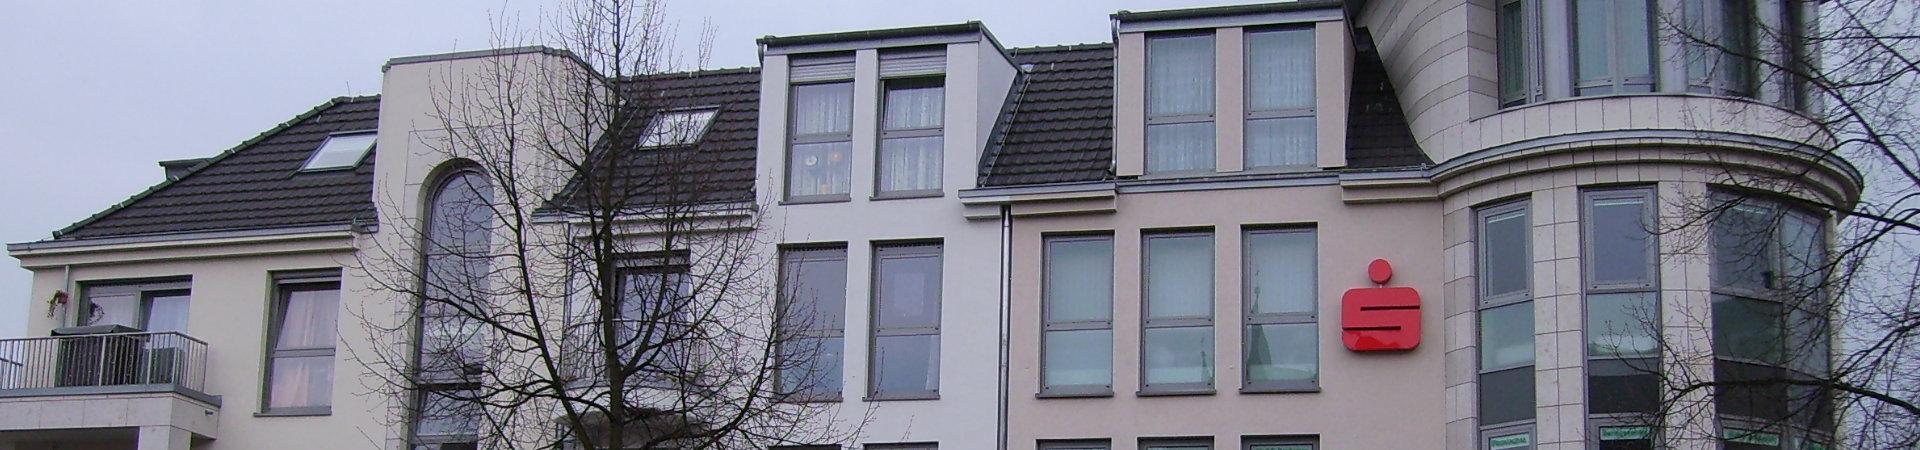 Ingenieurbüro Hammes - Viersen / Mönchengladbach - Neubau Wohneinheiten und Sparkasse